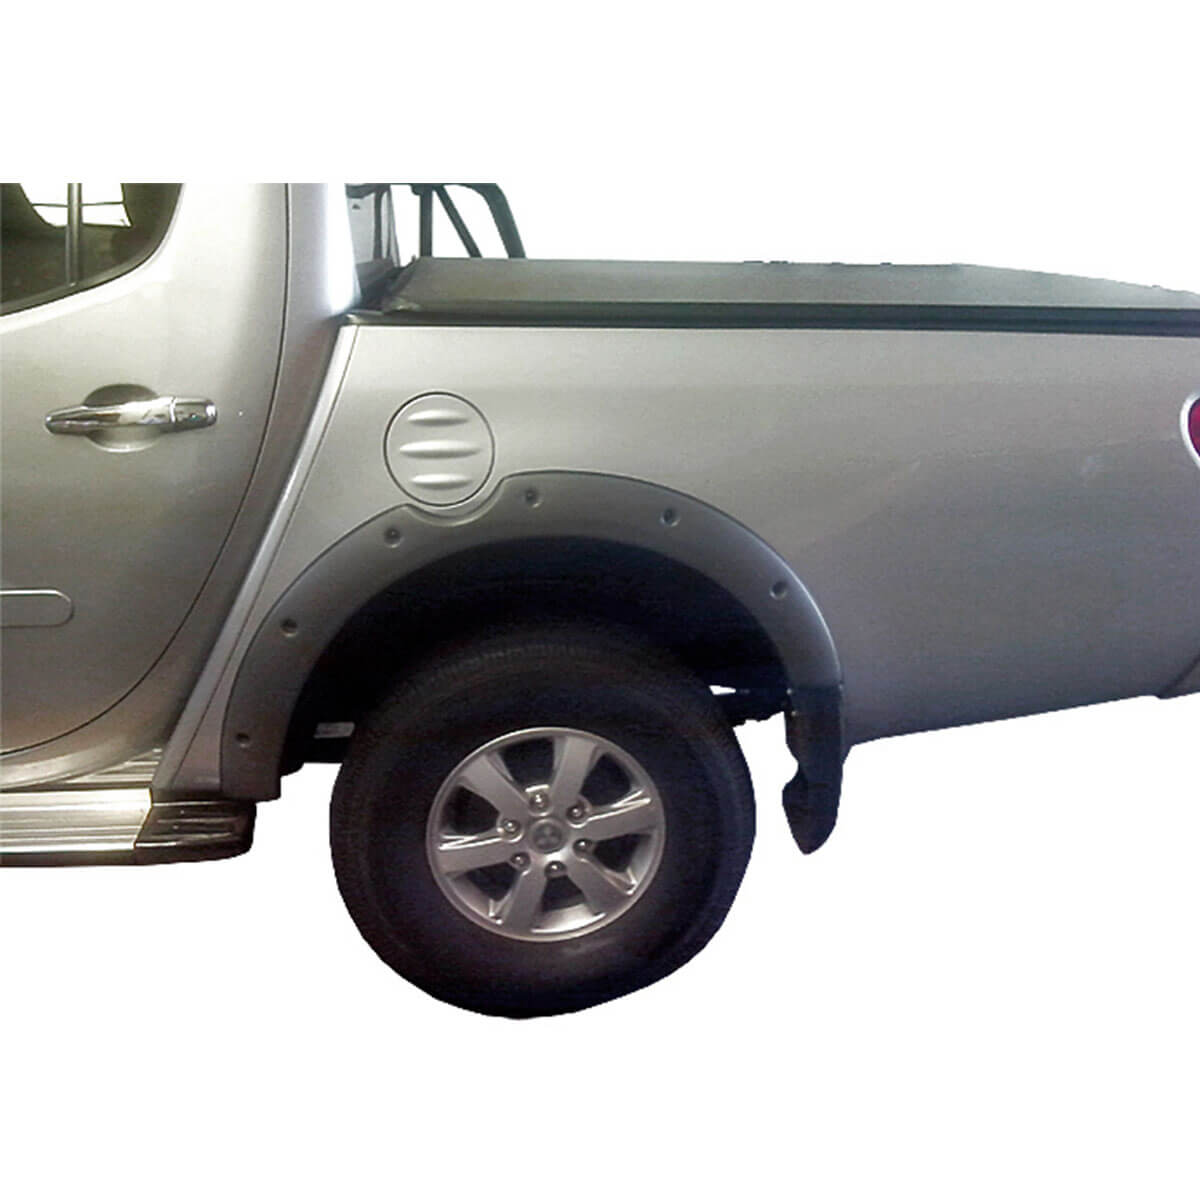 Alargador de paralama L200 Triton 2012 a 2016 GL e GLX